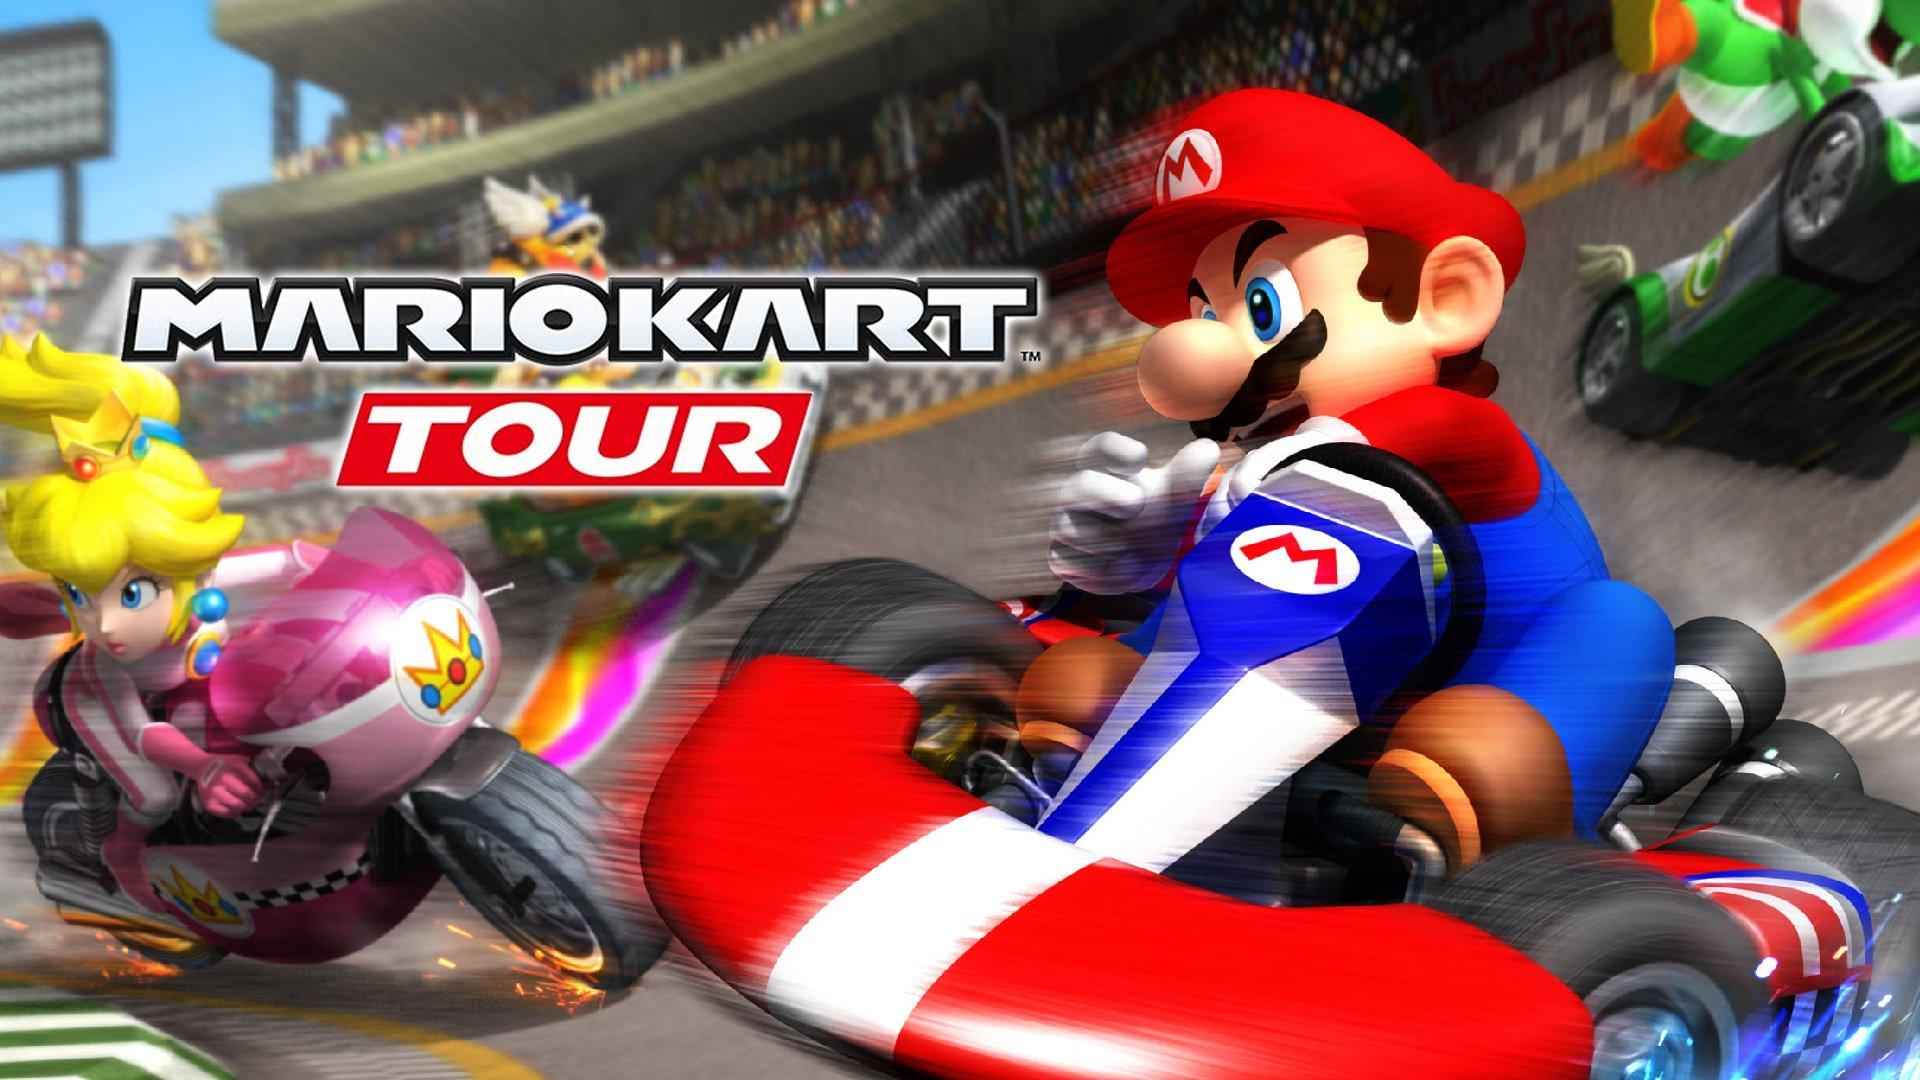 Télécharger Et Installer Mario Kart Tour Sur Android Est pour Jeux Des Erreurs Gratuit